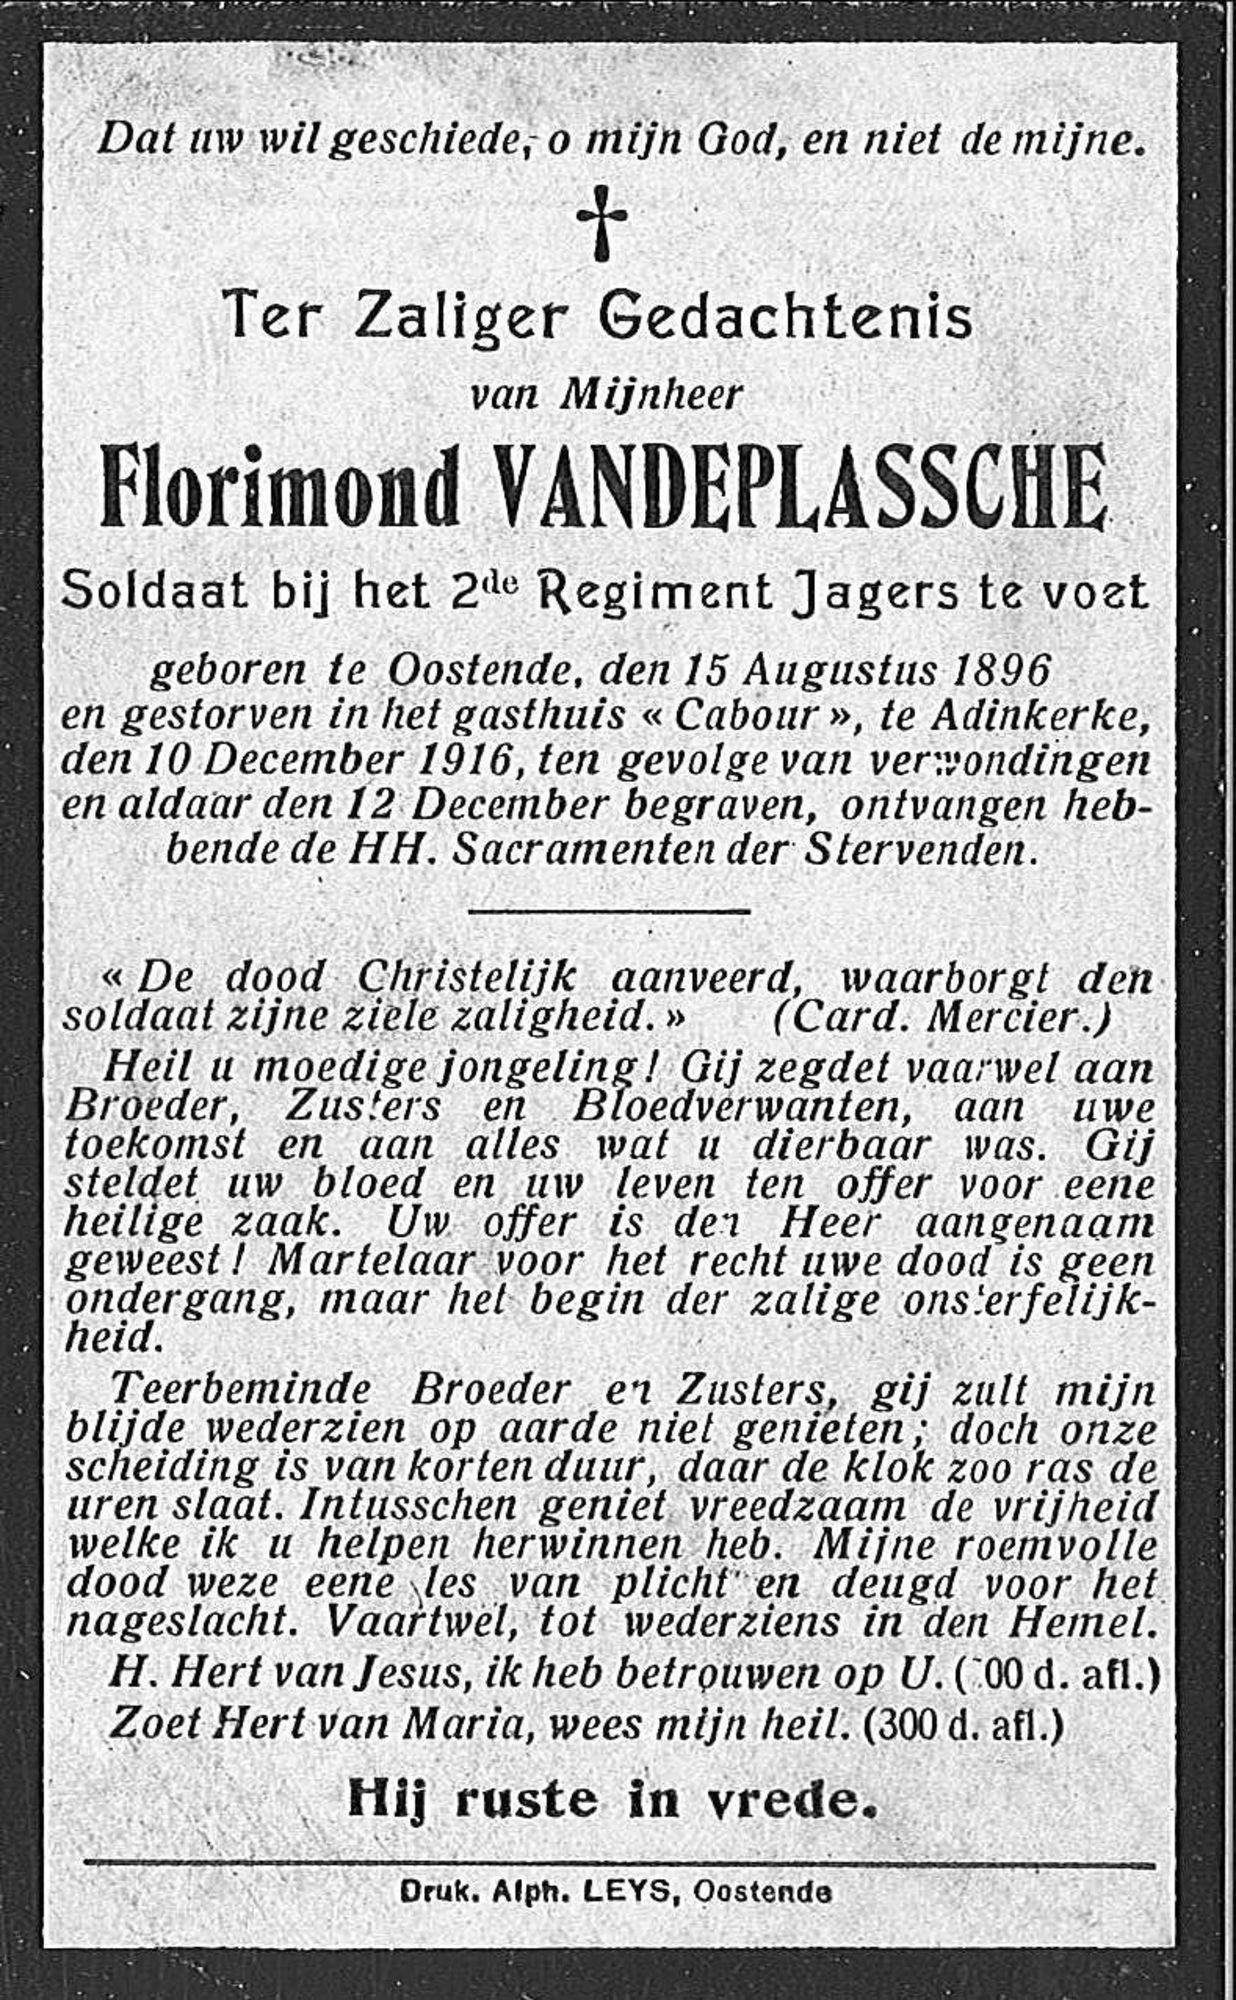 Florimond Vandeplassche